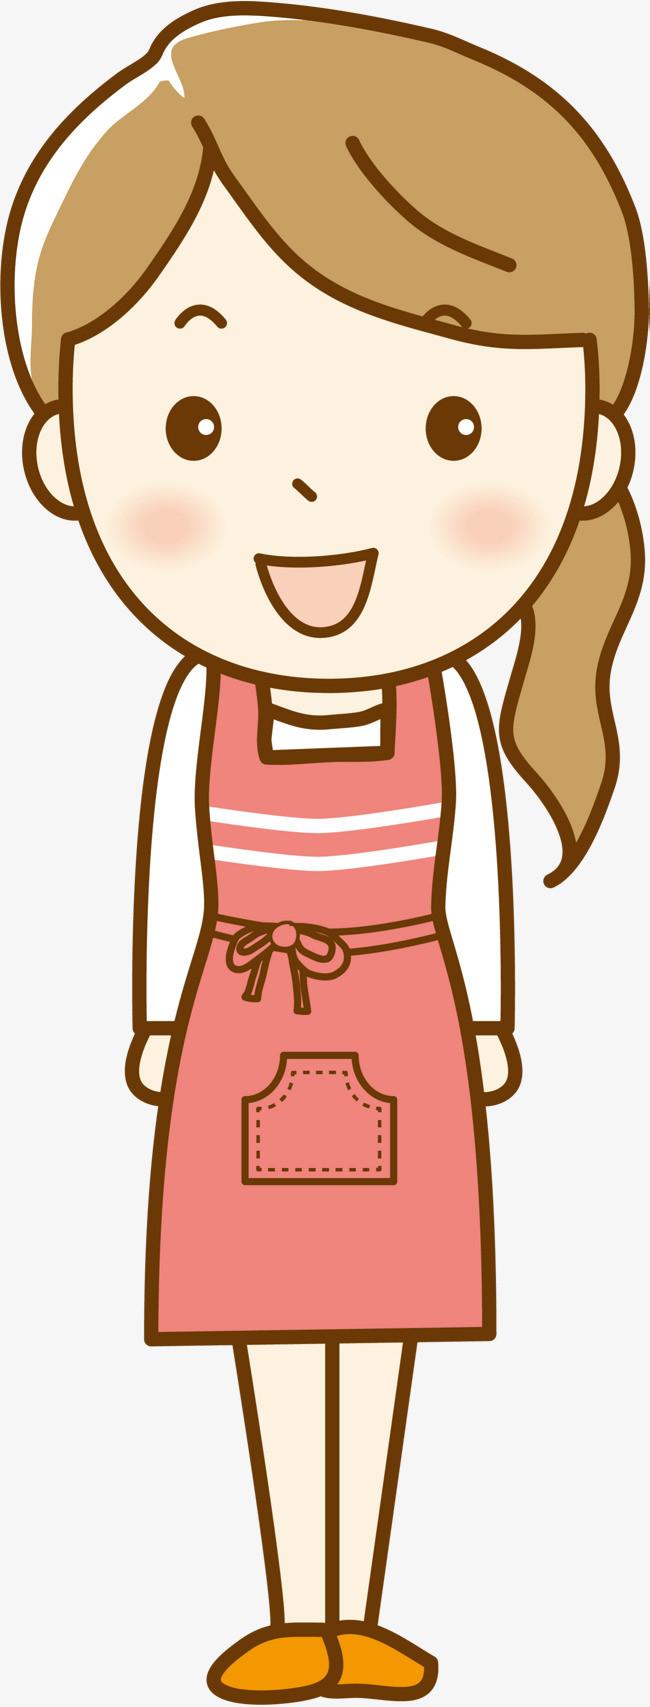 围裙可爱女孩人物插画